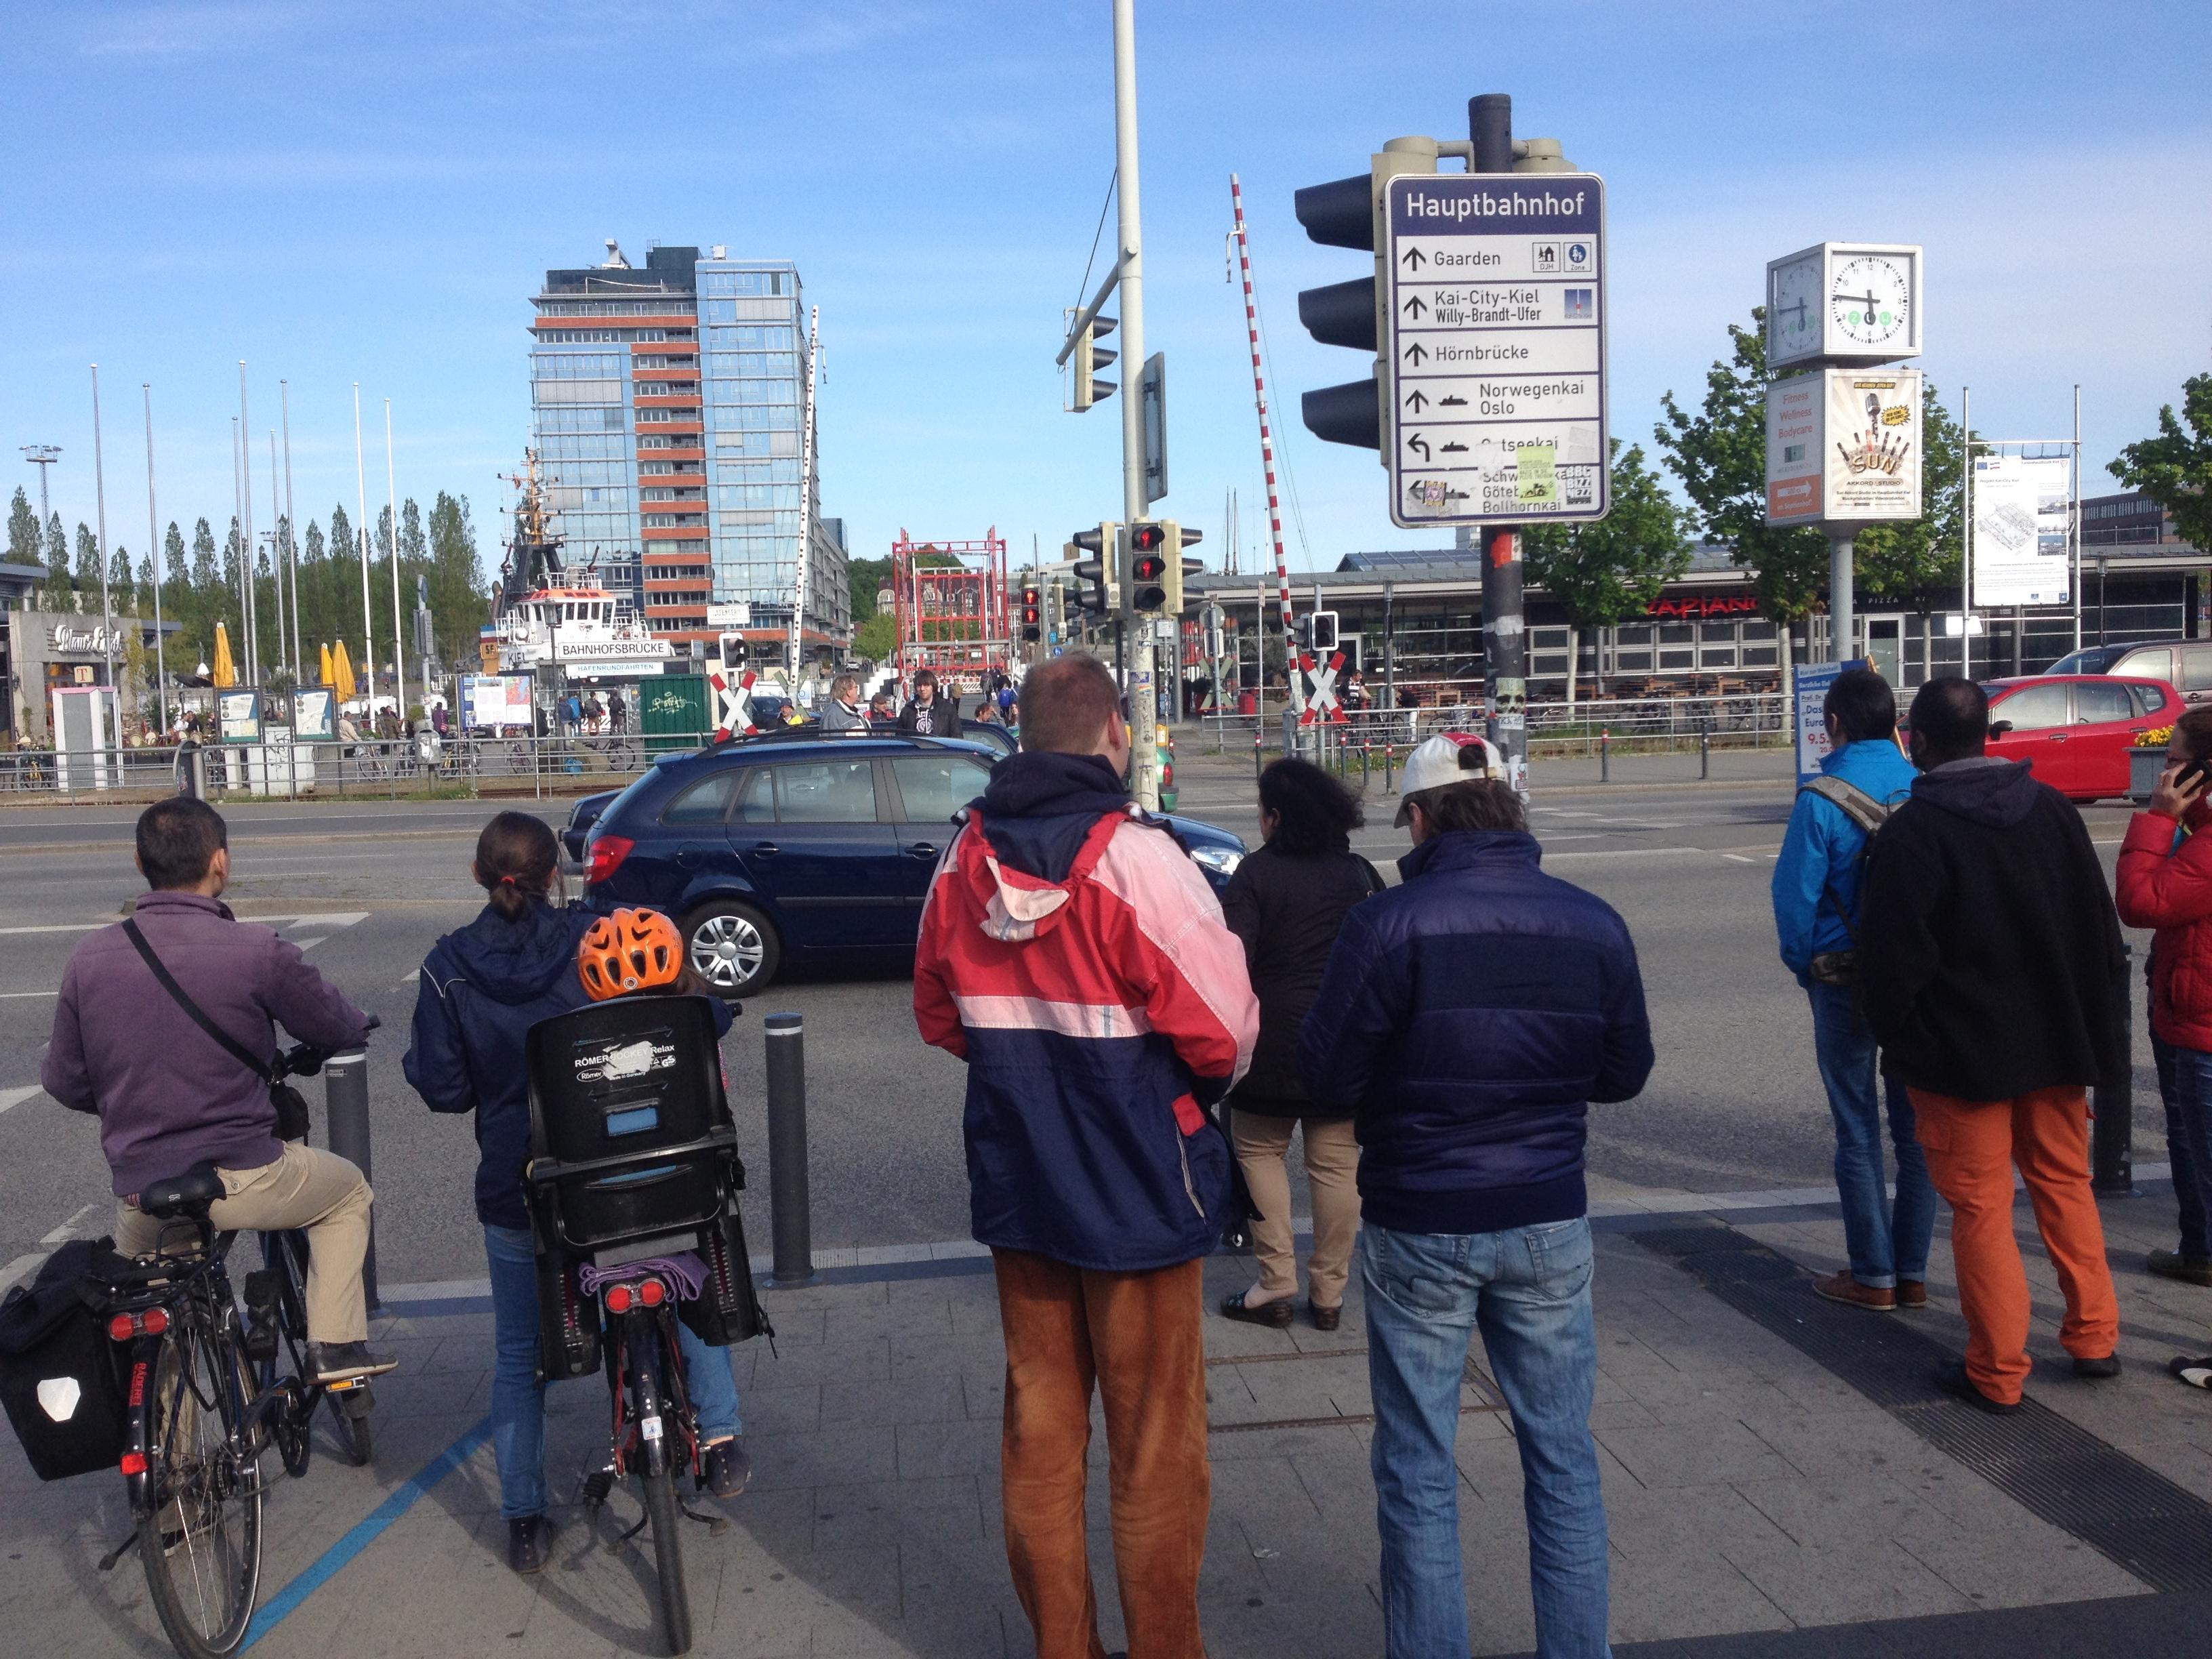 улицы киля германия